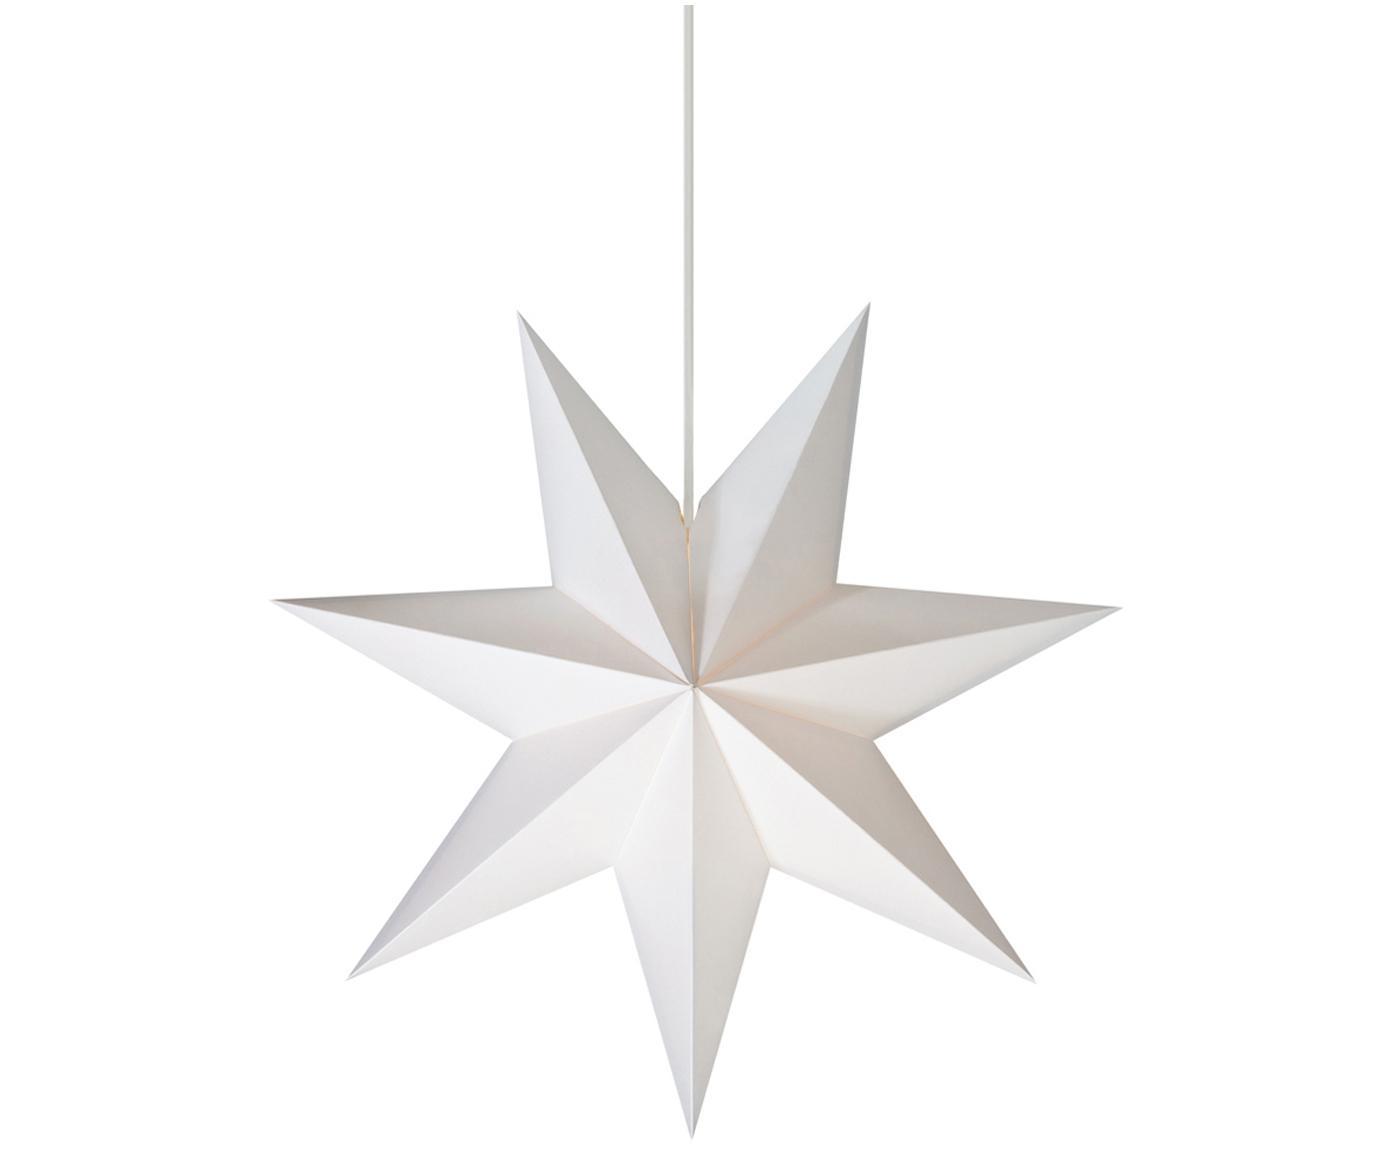 Lampa w kształcie gwiazdy Duva, Biały, Ø 45 cm